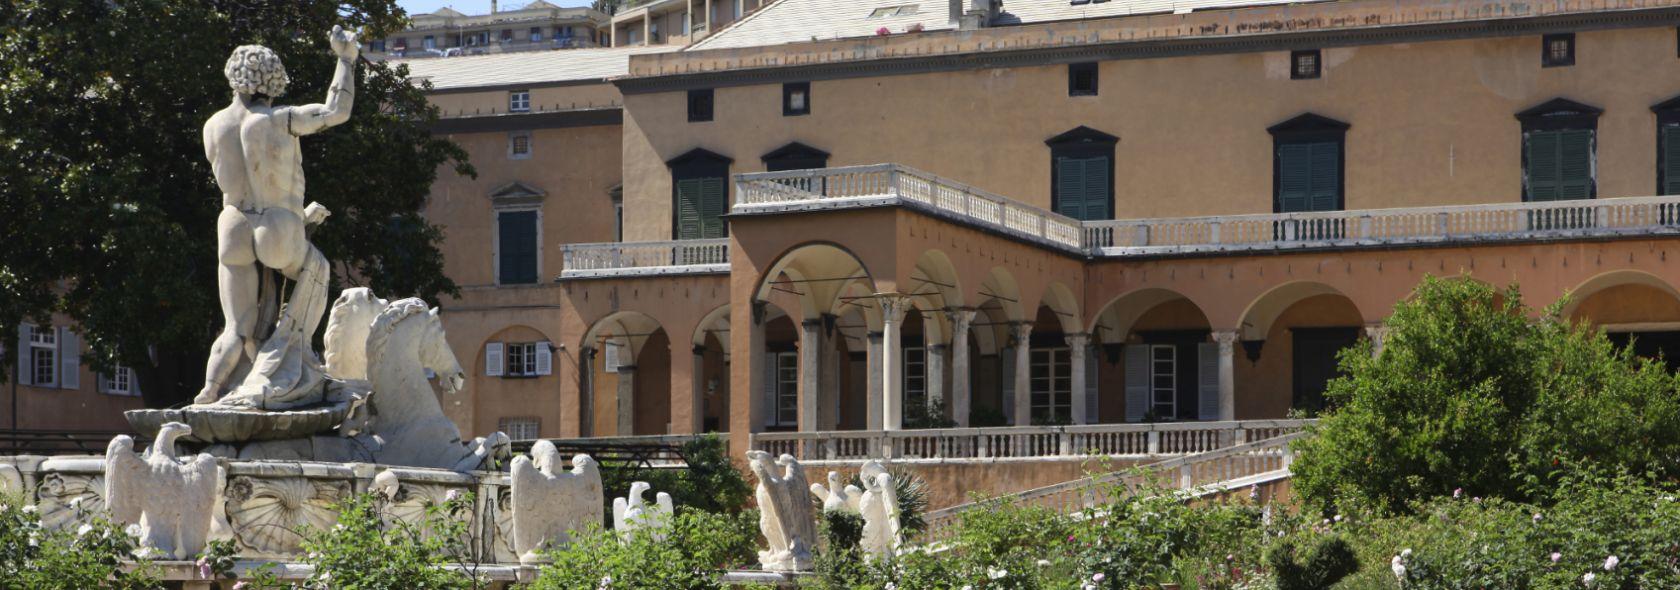 Villa del Principe Genova - Giardino